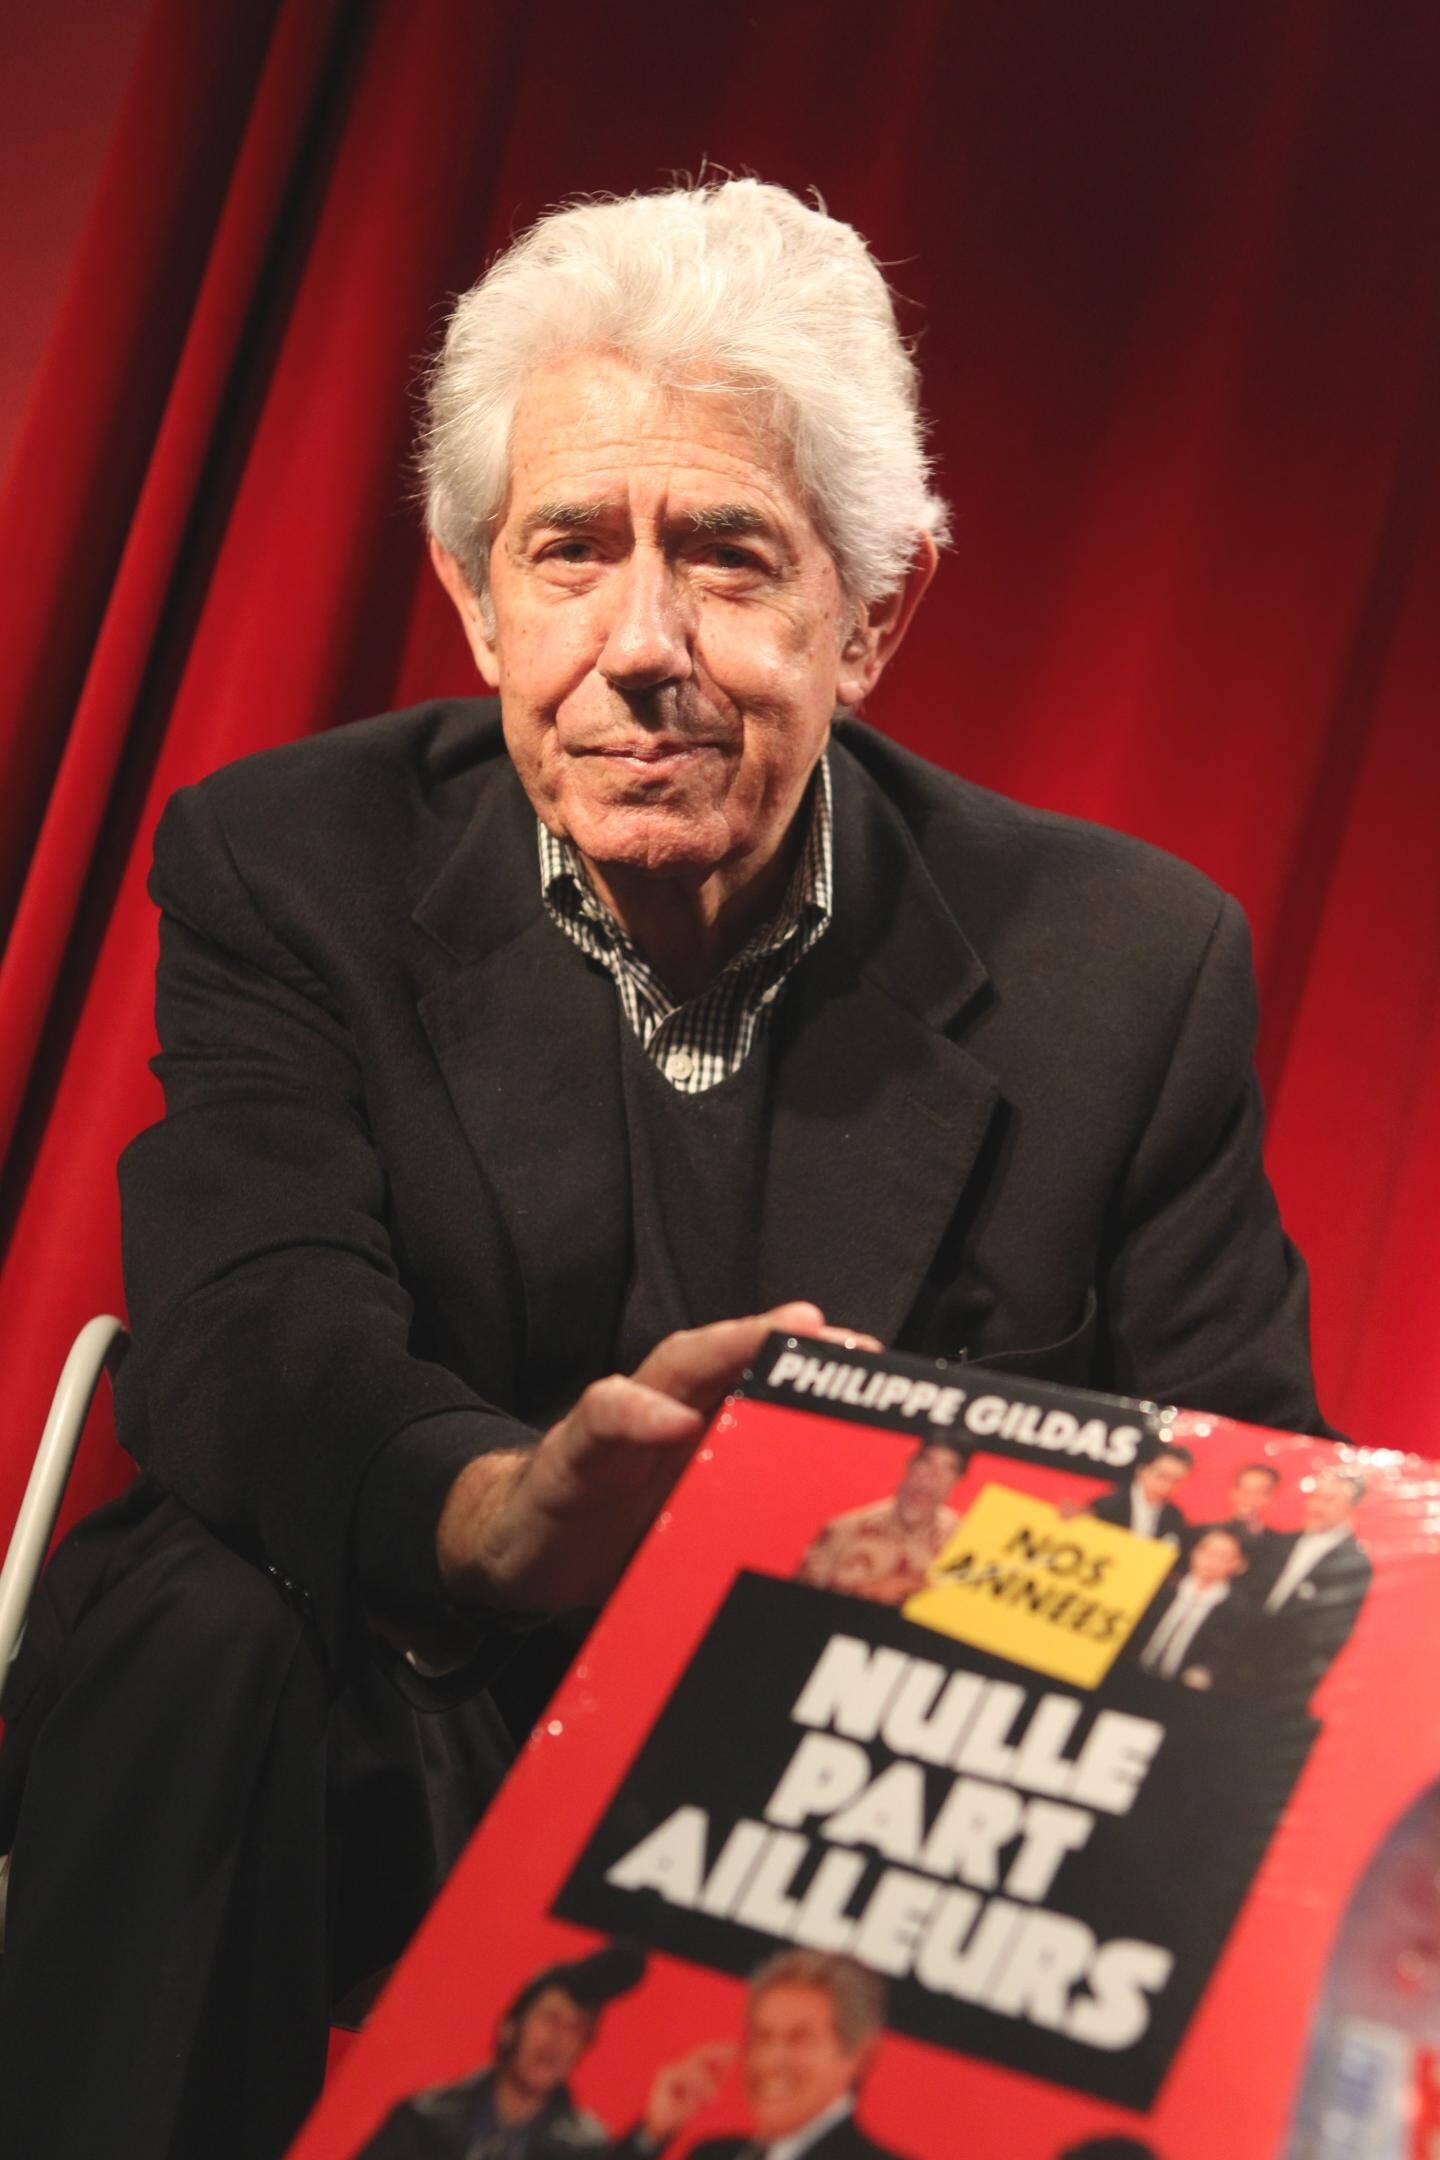 En 2014, lors de sa venue à la Fnac Nice pour la présentation de son livre  sur les années Nulle part ailleurs.